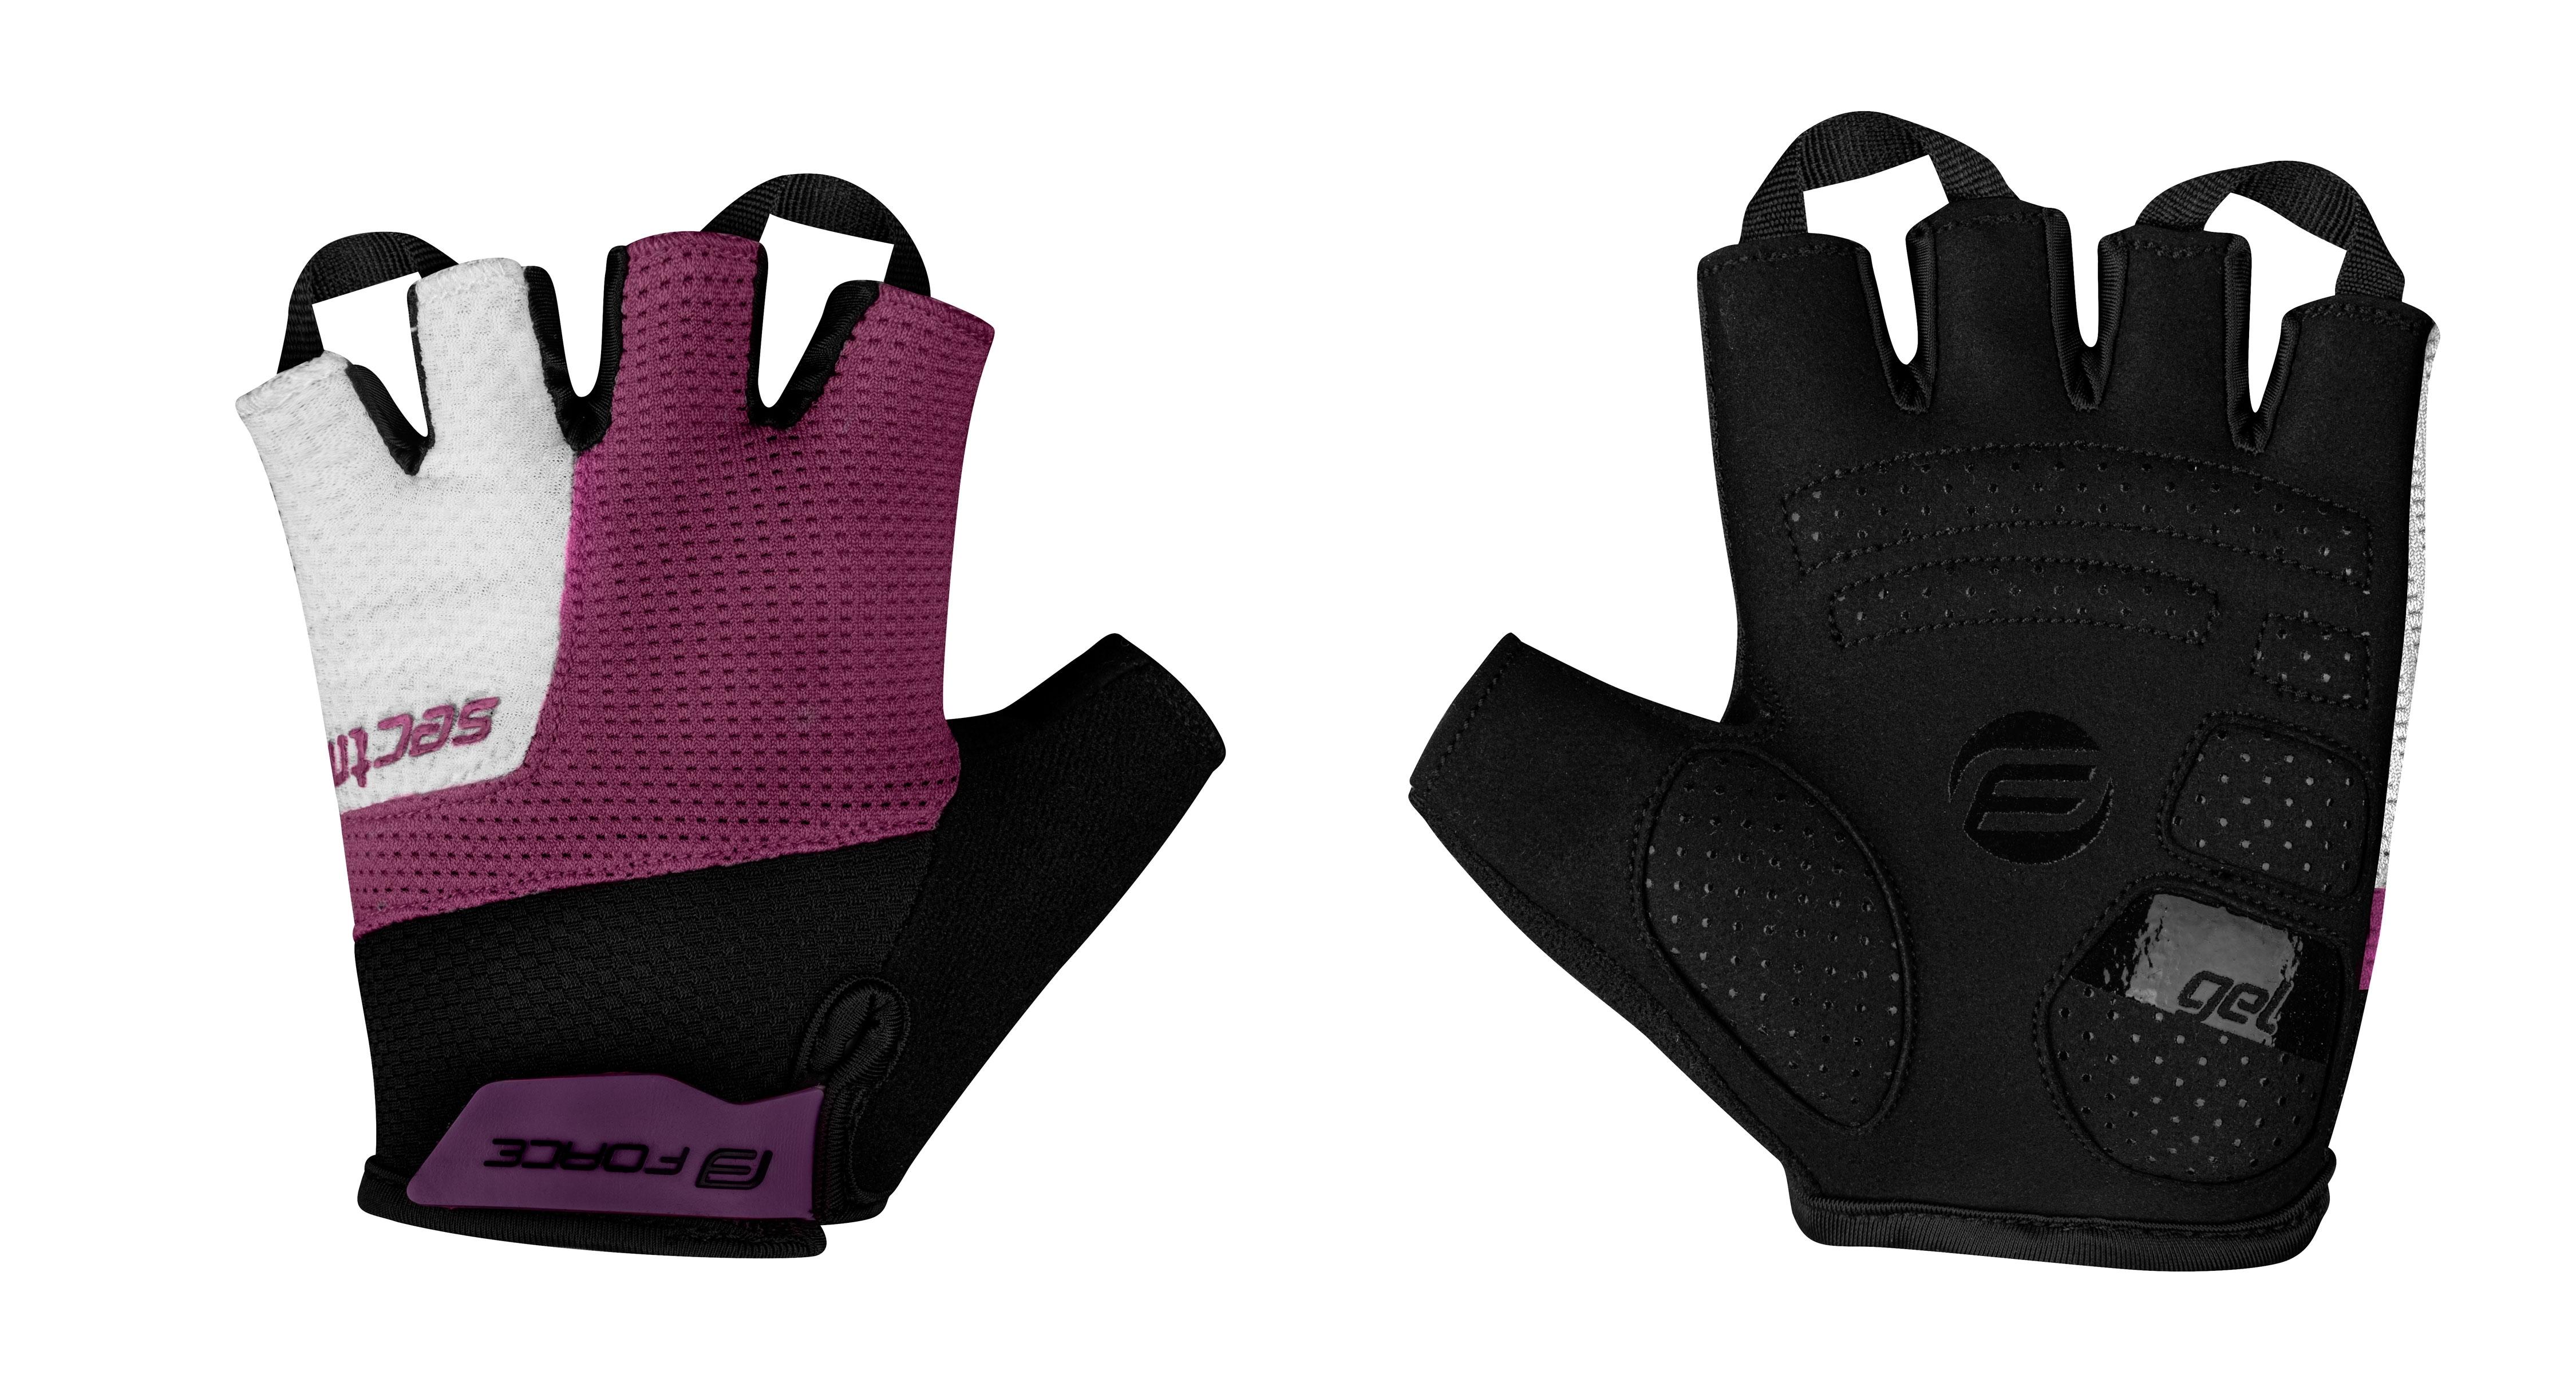 rukavice FORCE SECTOR LADY gel, černo-fialové XS